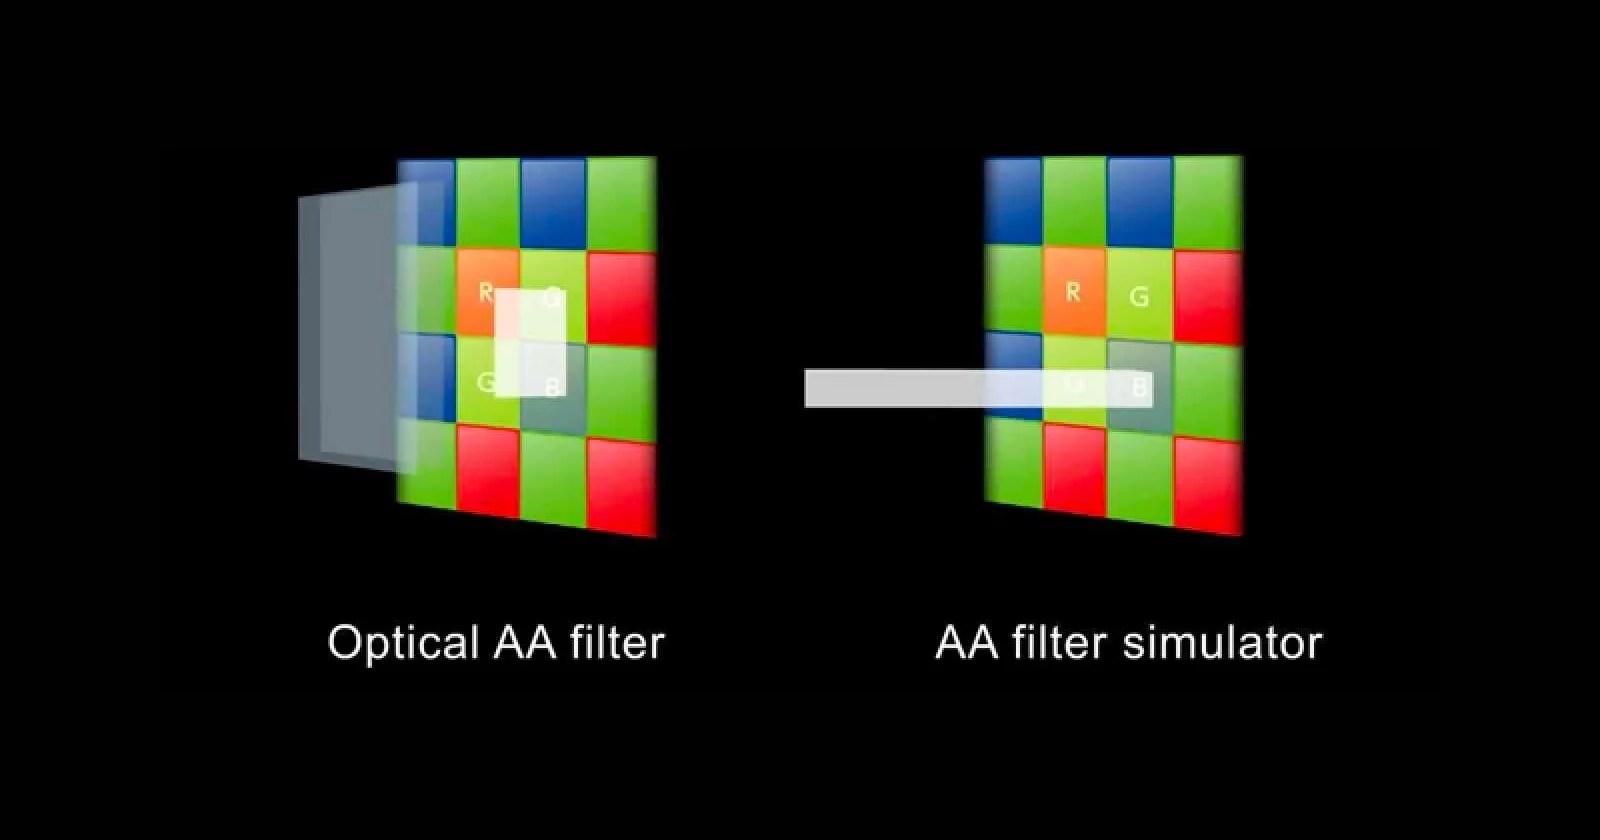 Canon brevetta la tecnologia di simulazione AA basata su IBIS, simile a Pentax